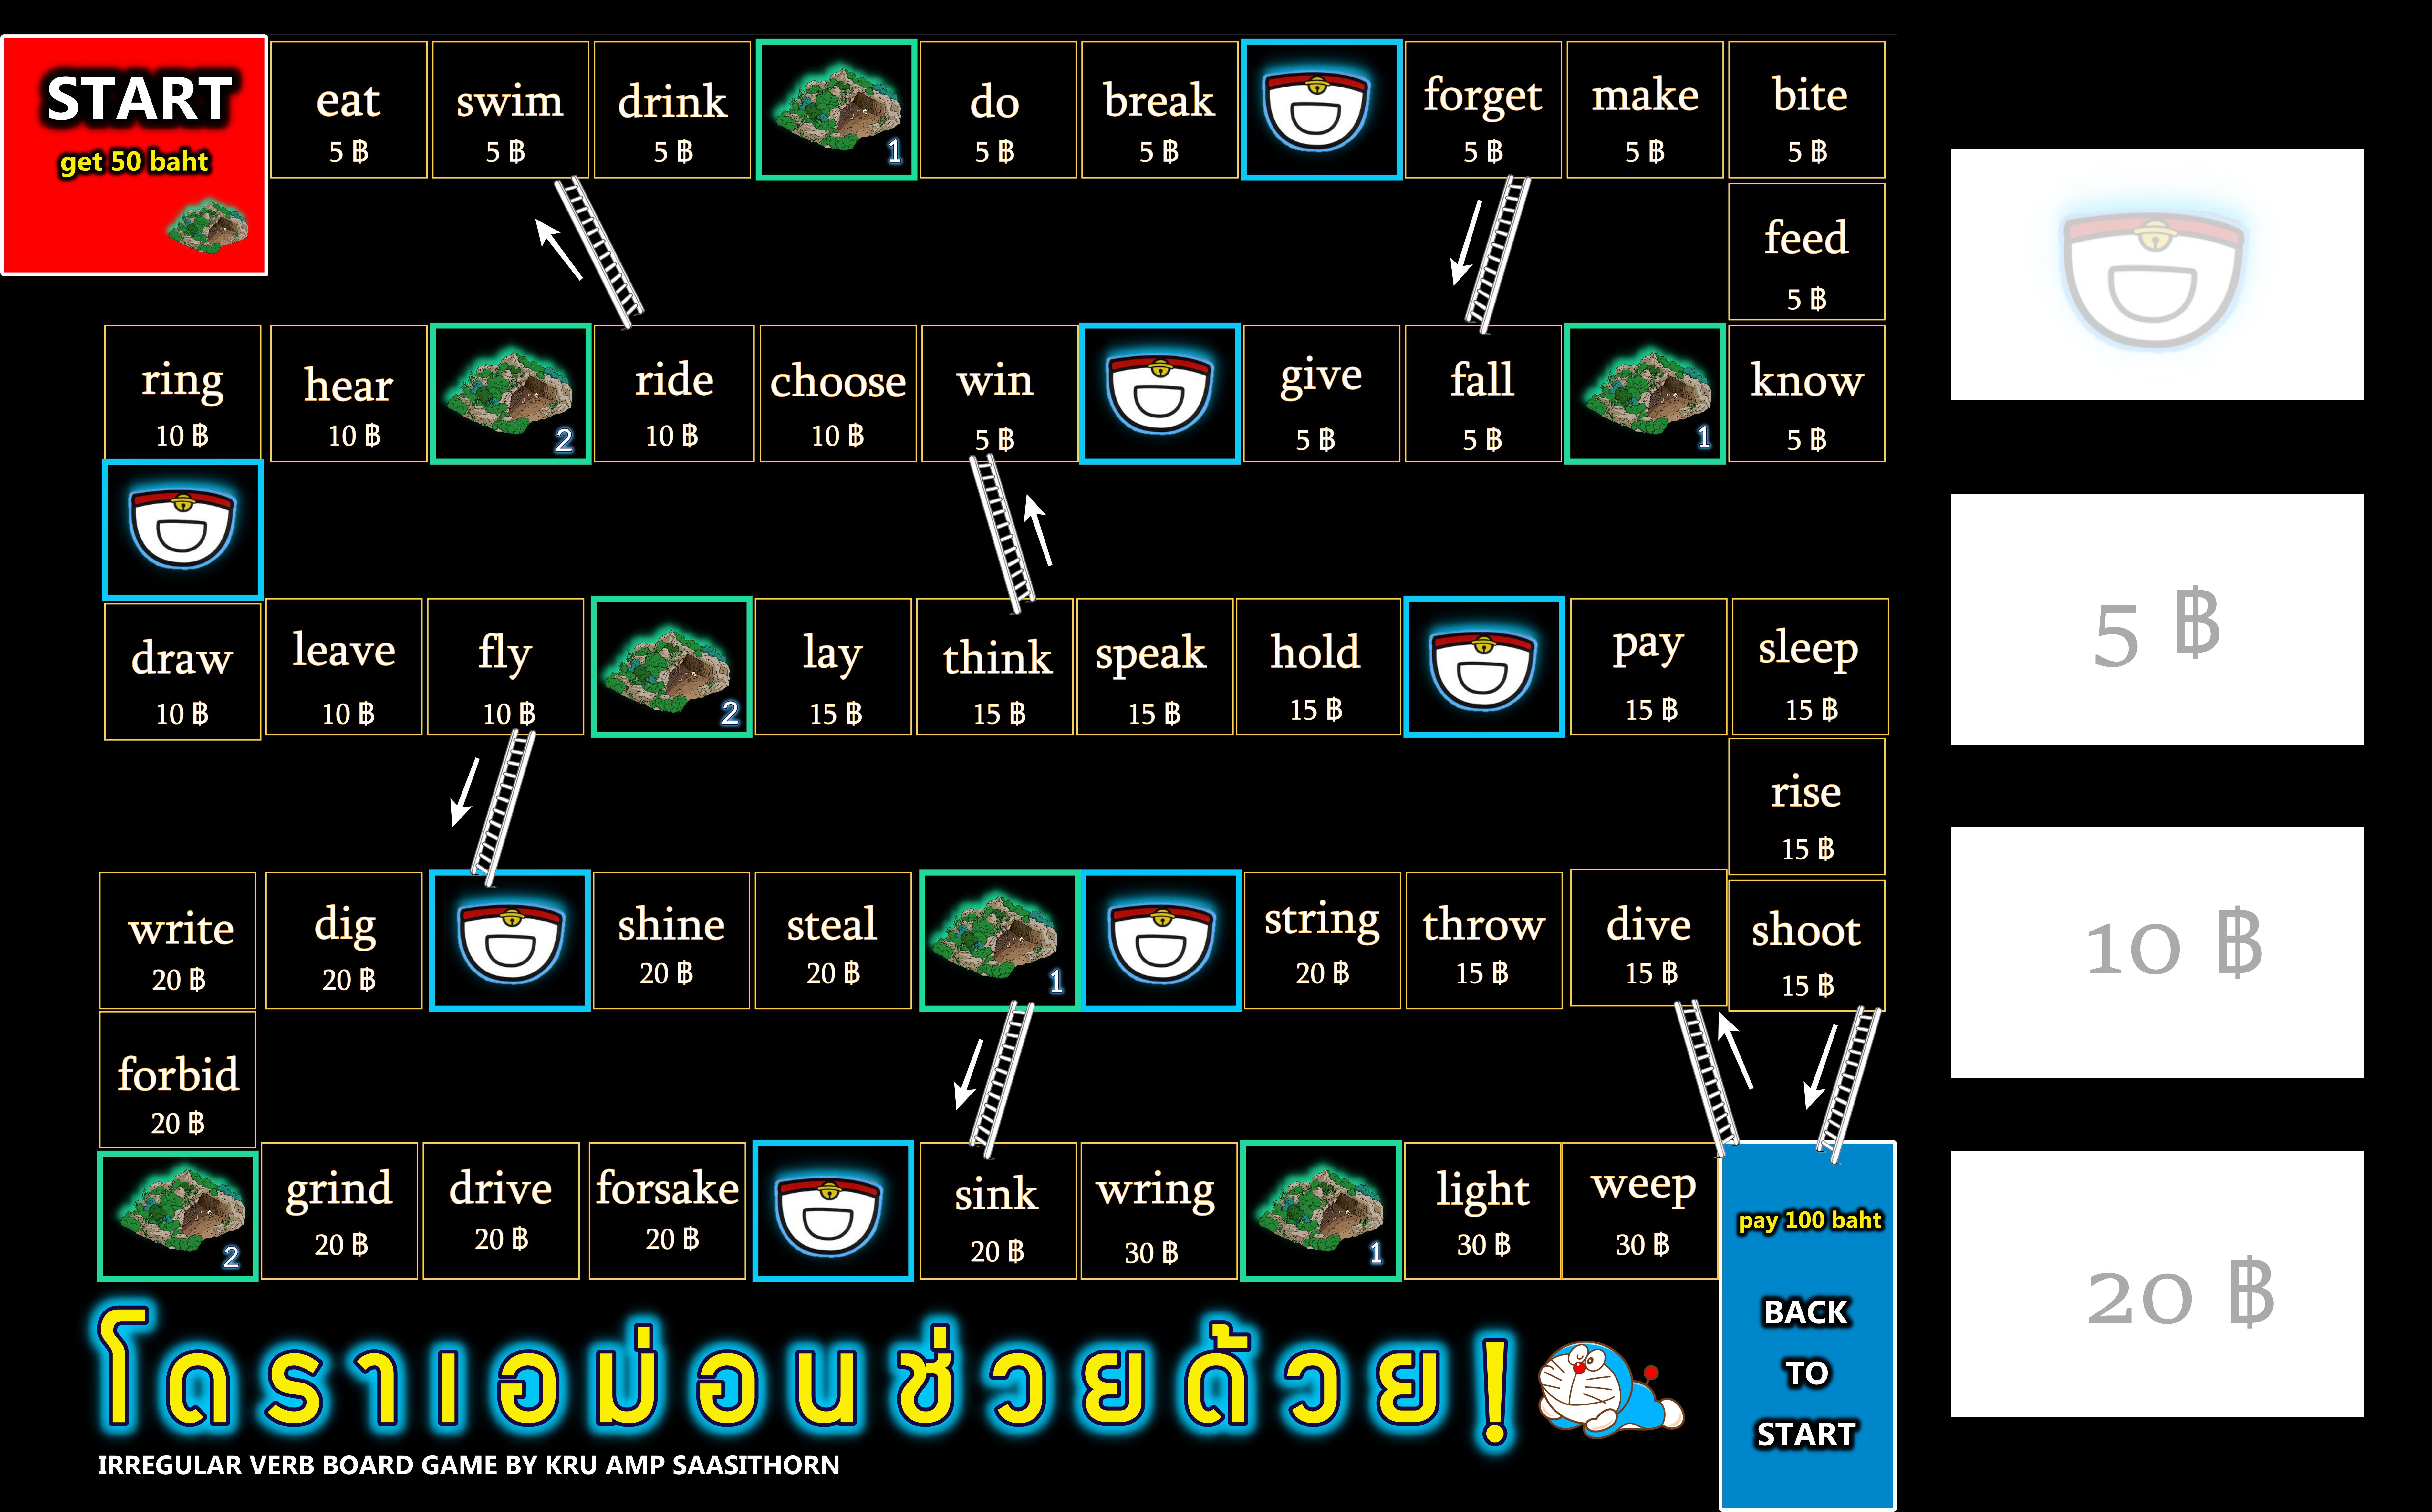 ภาพประกอบไอเดีย โดราเอม่อนช่วยด้วยยย! (Irregular Verb Board Game)